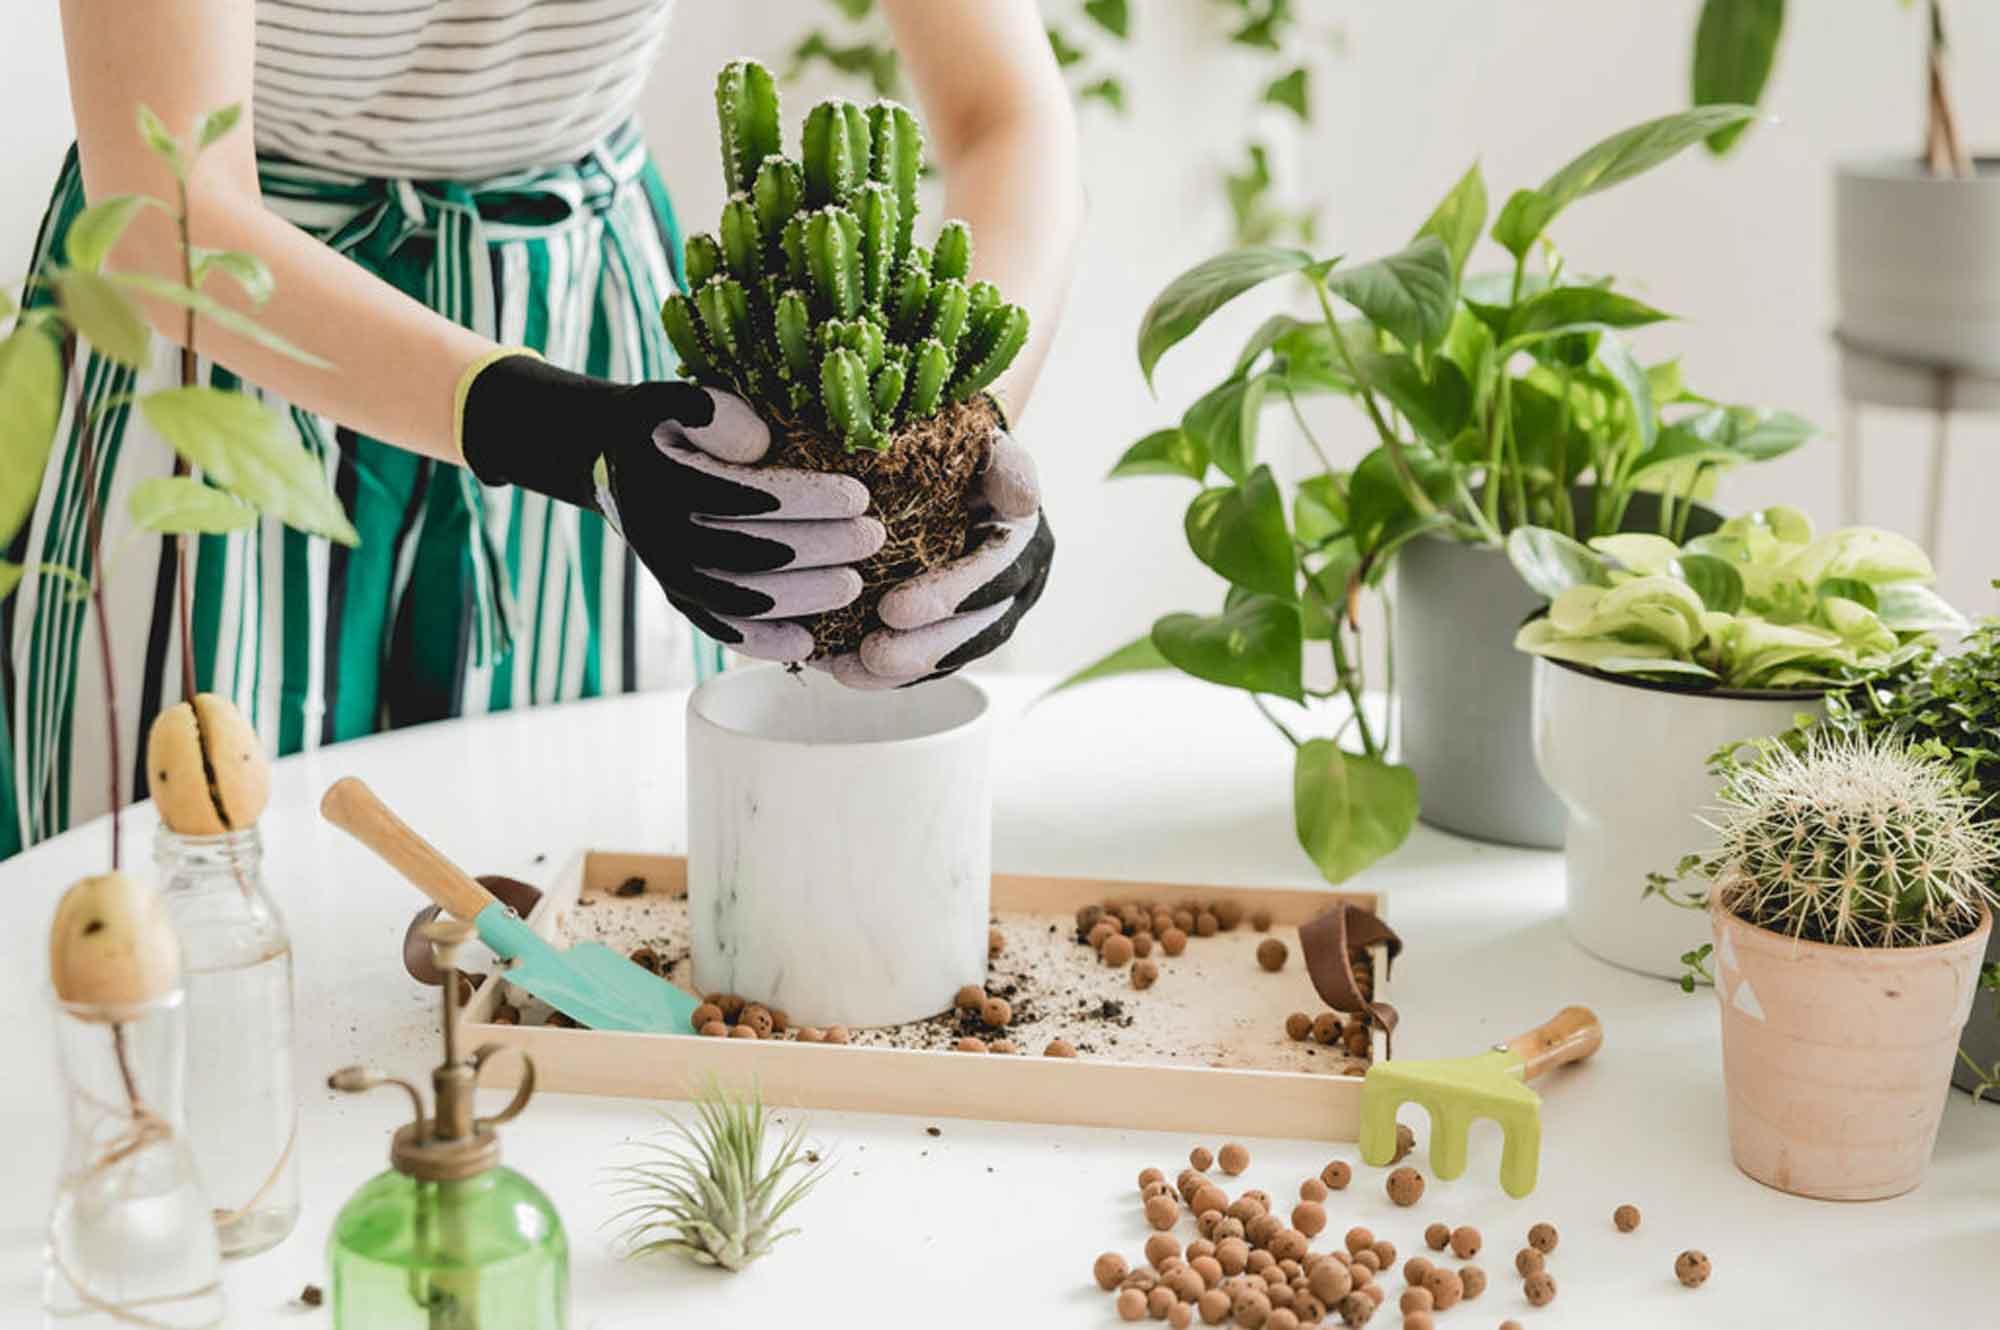 fleuriste salon de provence - fleuriste-bouquet de fleurs-compositions florales-decoration florale-creation florale-livraison de fleurs